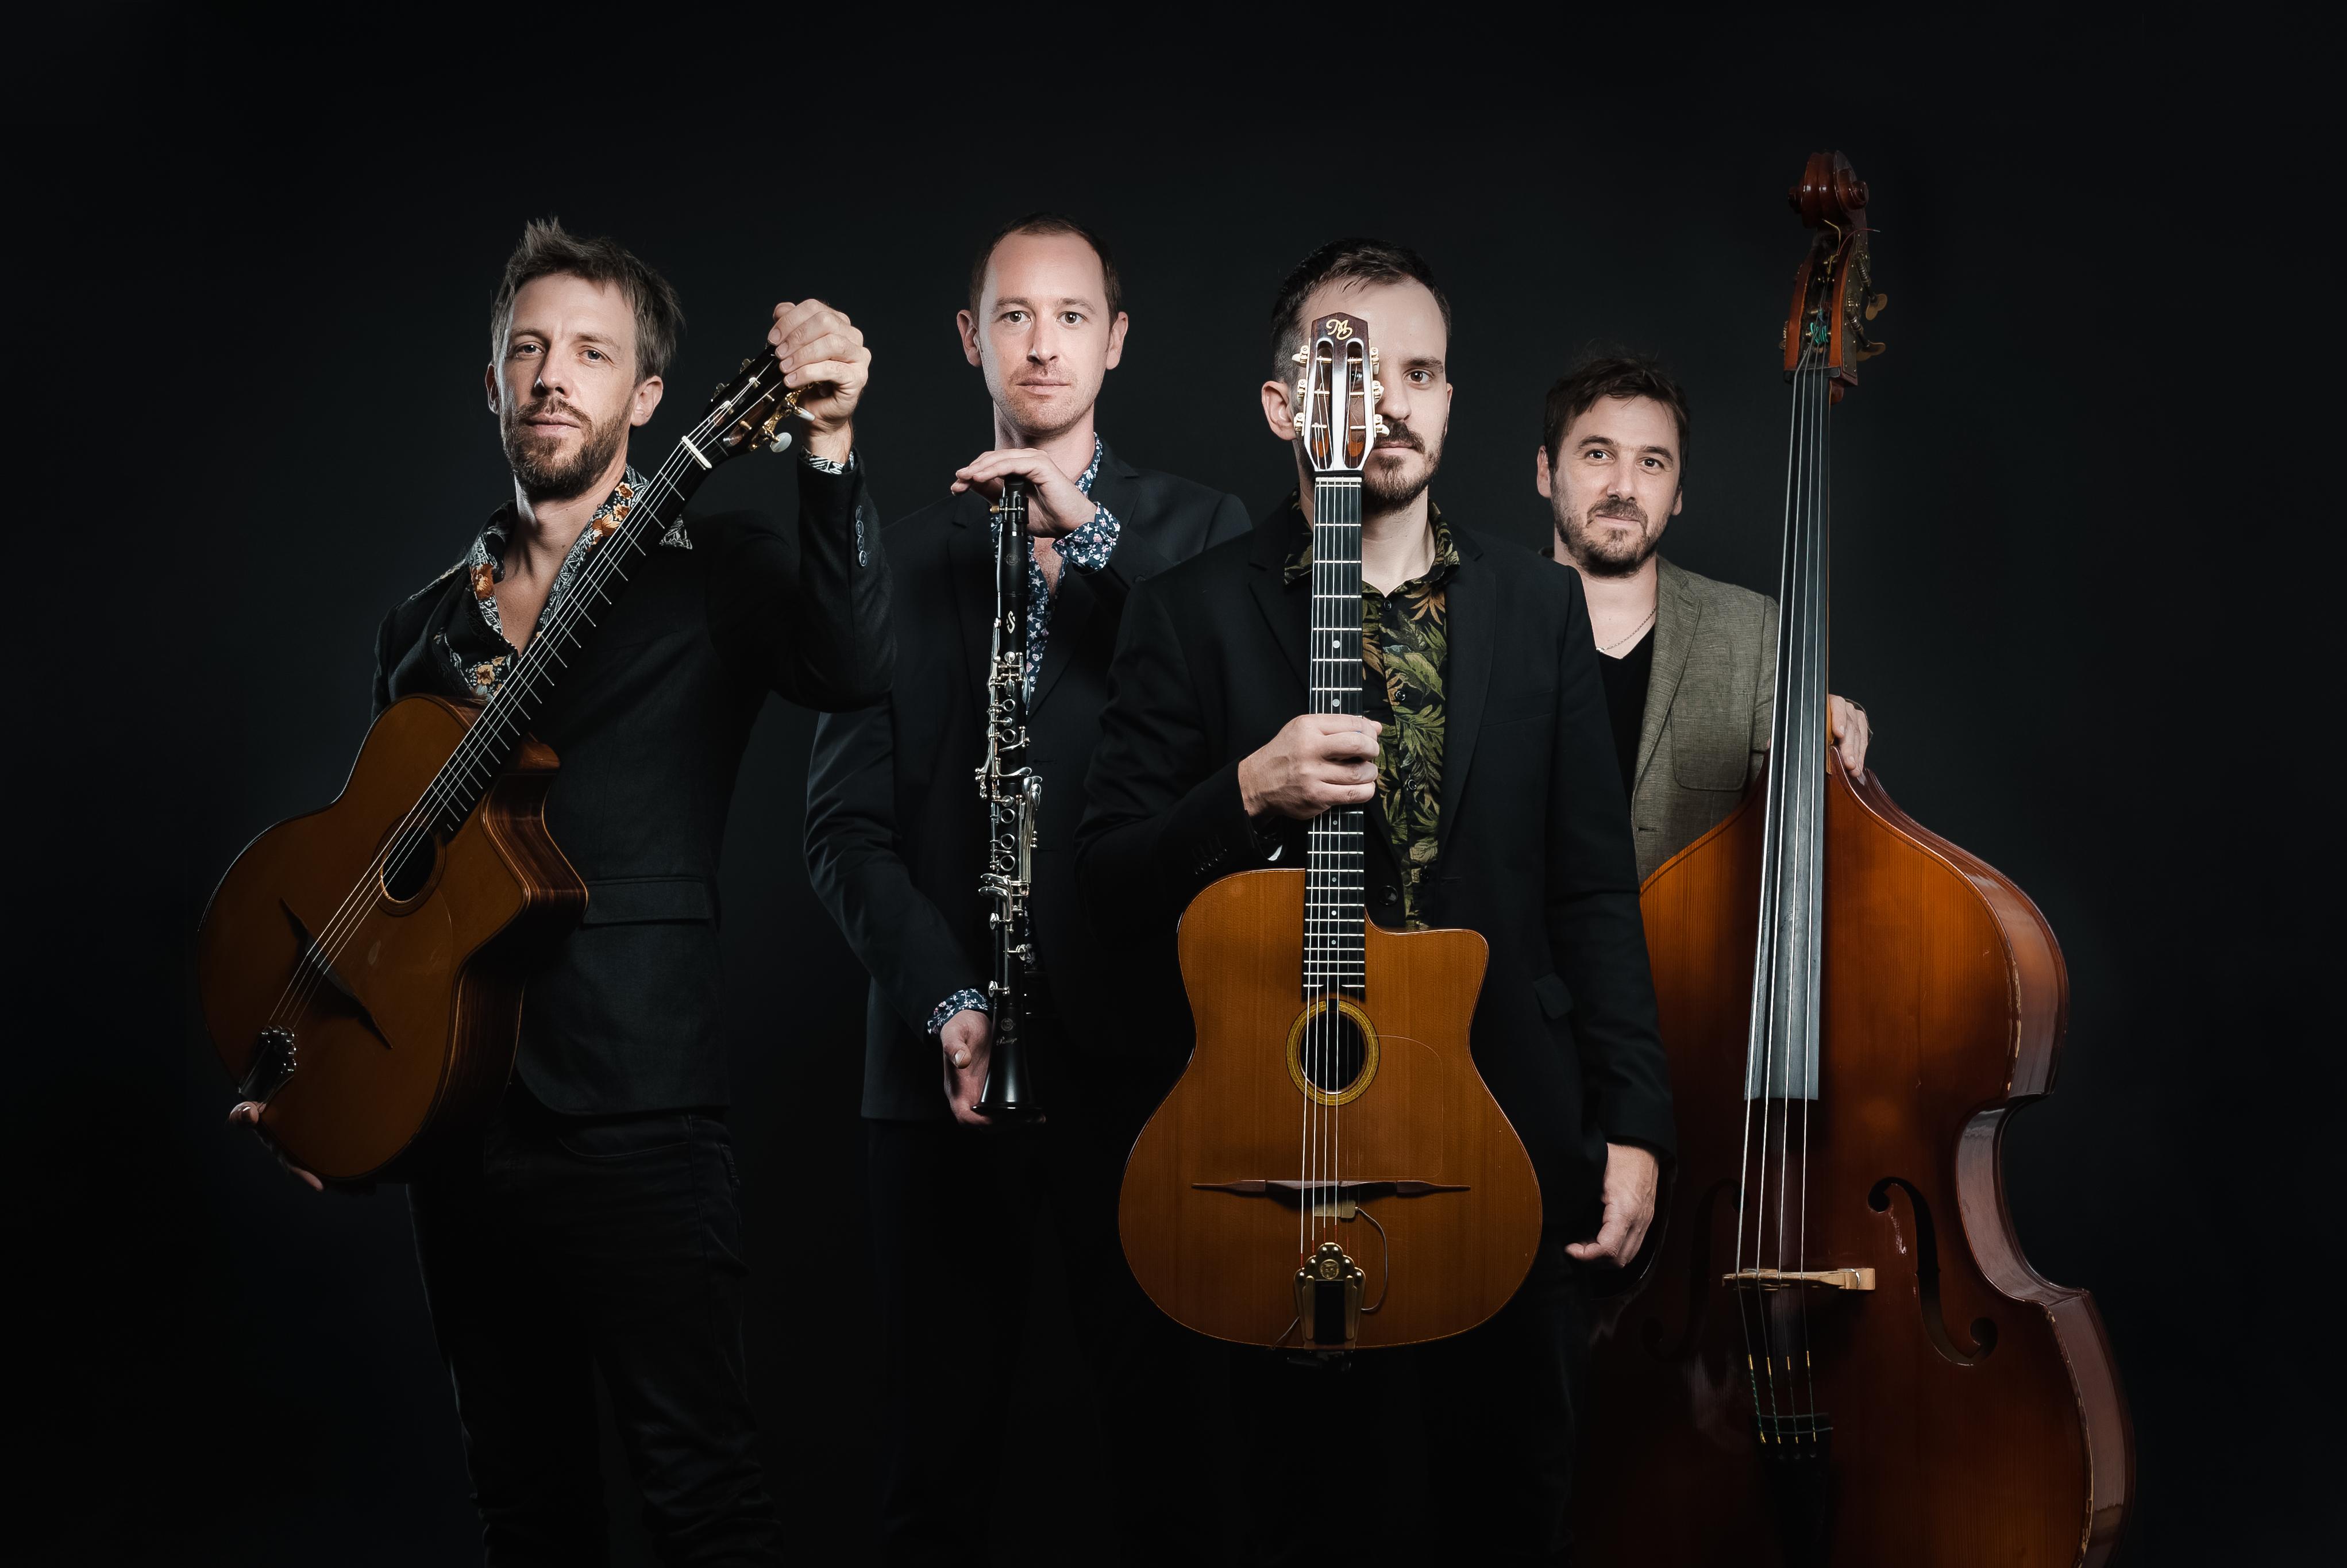 Terre de Jazz, jeudi 16 avril 2020, Concert Sheik of swing